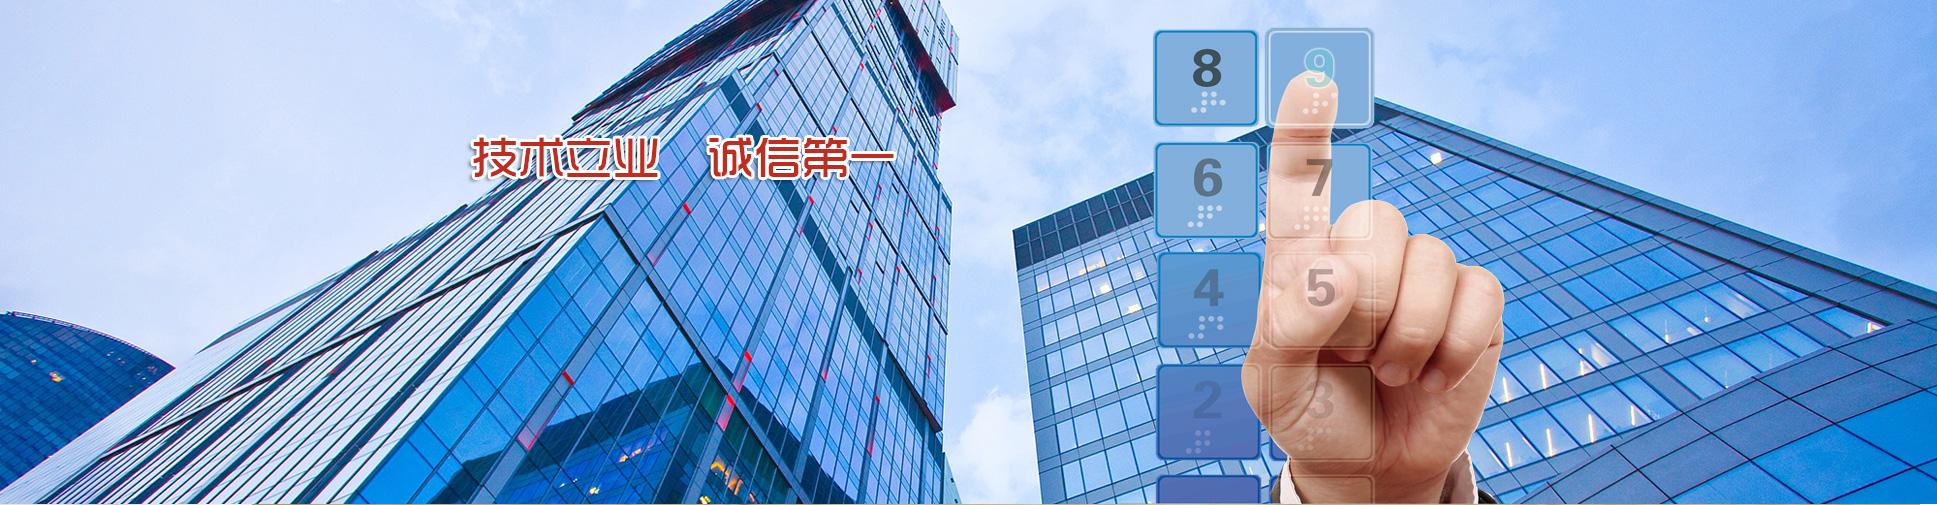 """免安装费:老楼""""公交式""""电梯刷卡乘坐江苏电梯刷卡系统厂家介绍"""